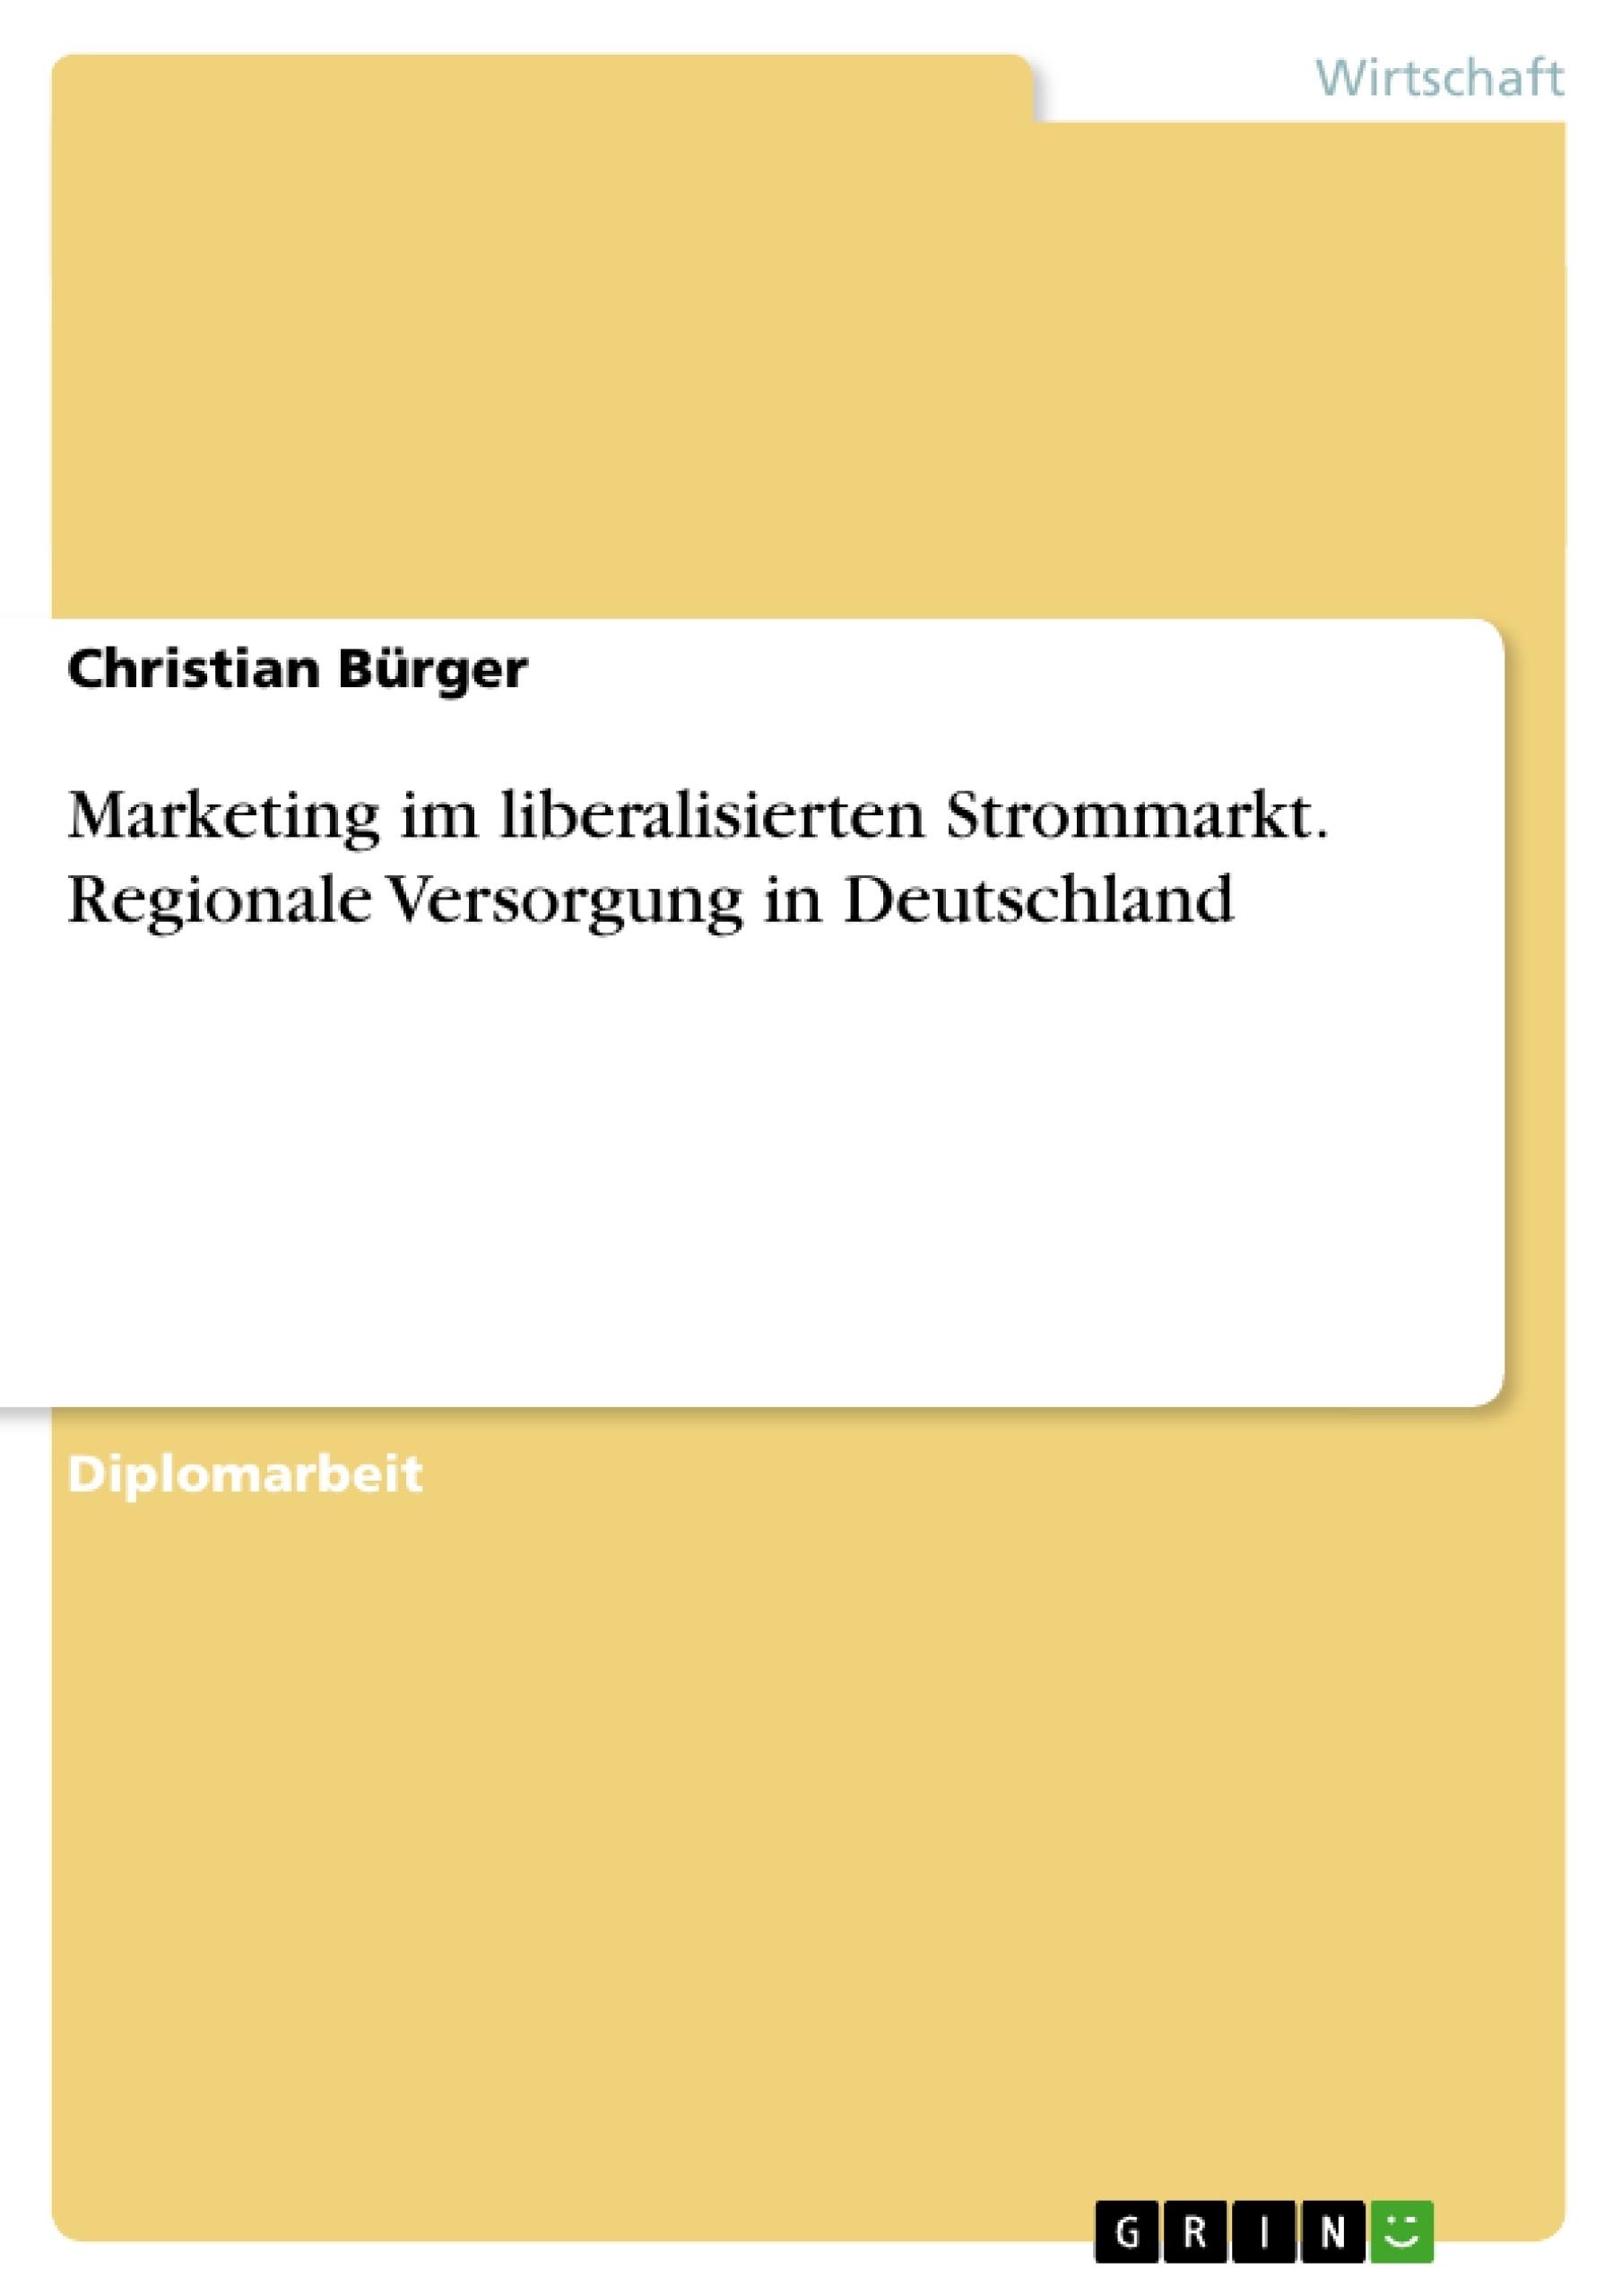 Titel: Marketing im liberalisierten Strommarkt. Regionale Versorgung in Deutschland